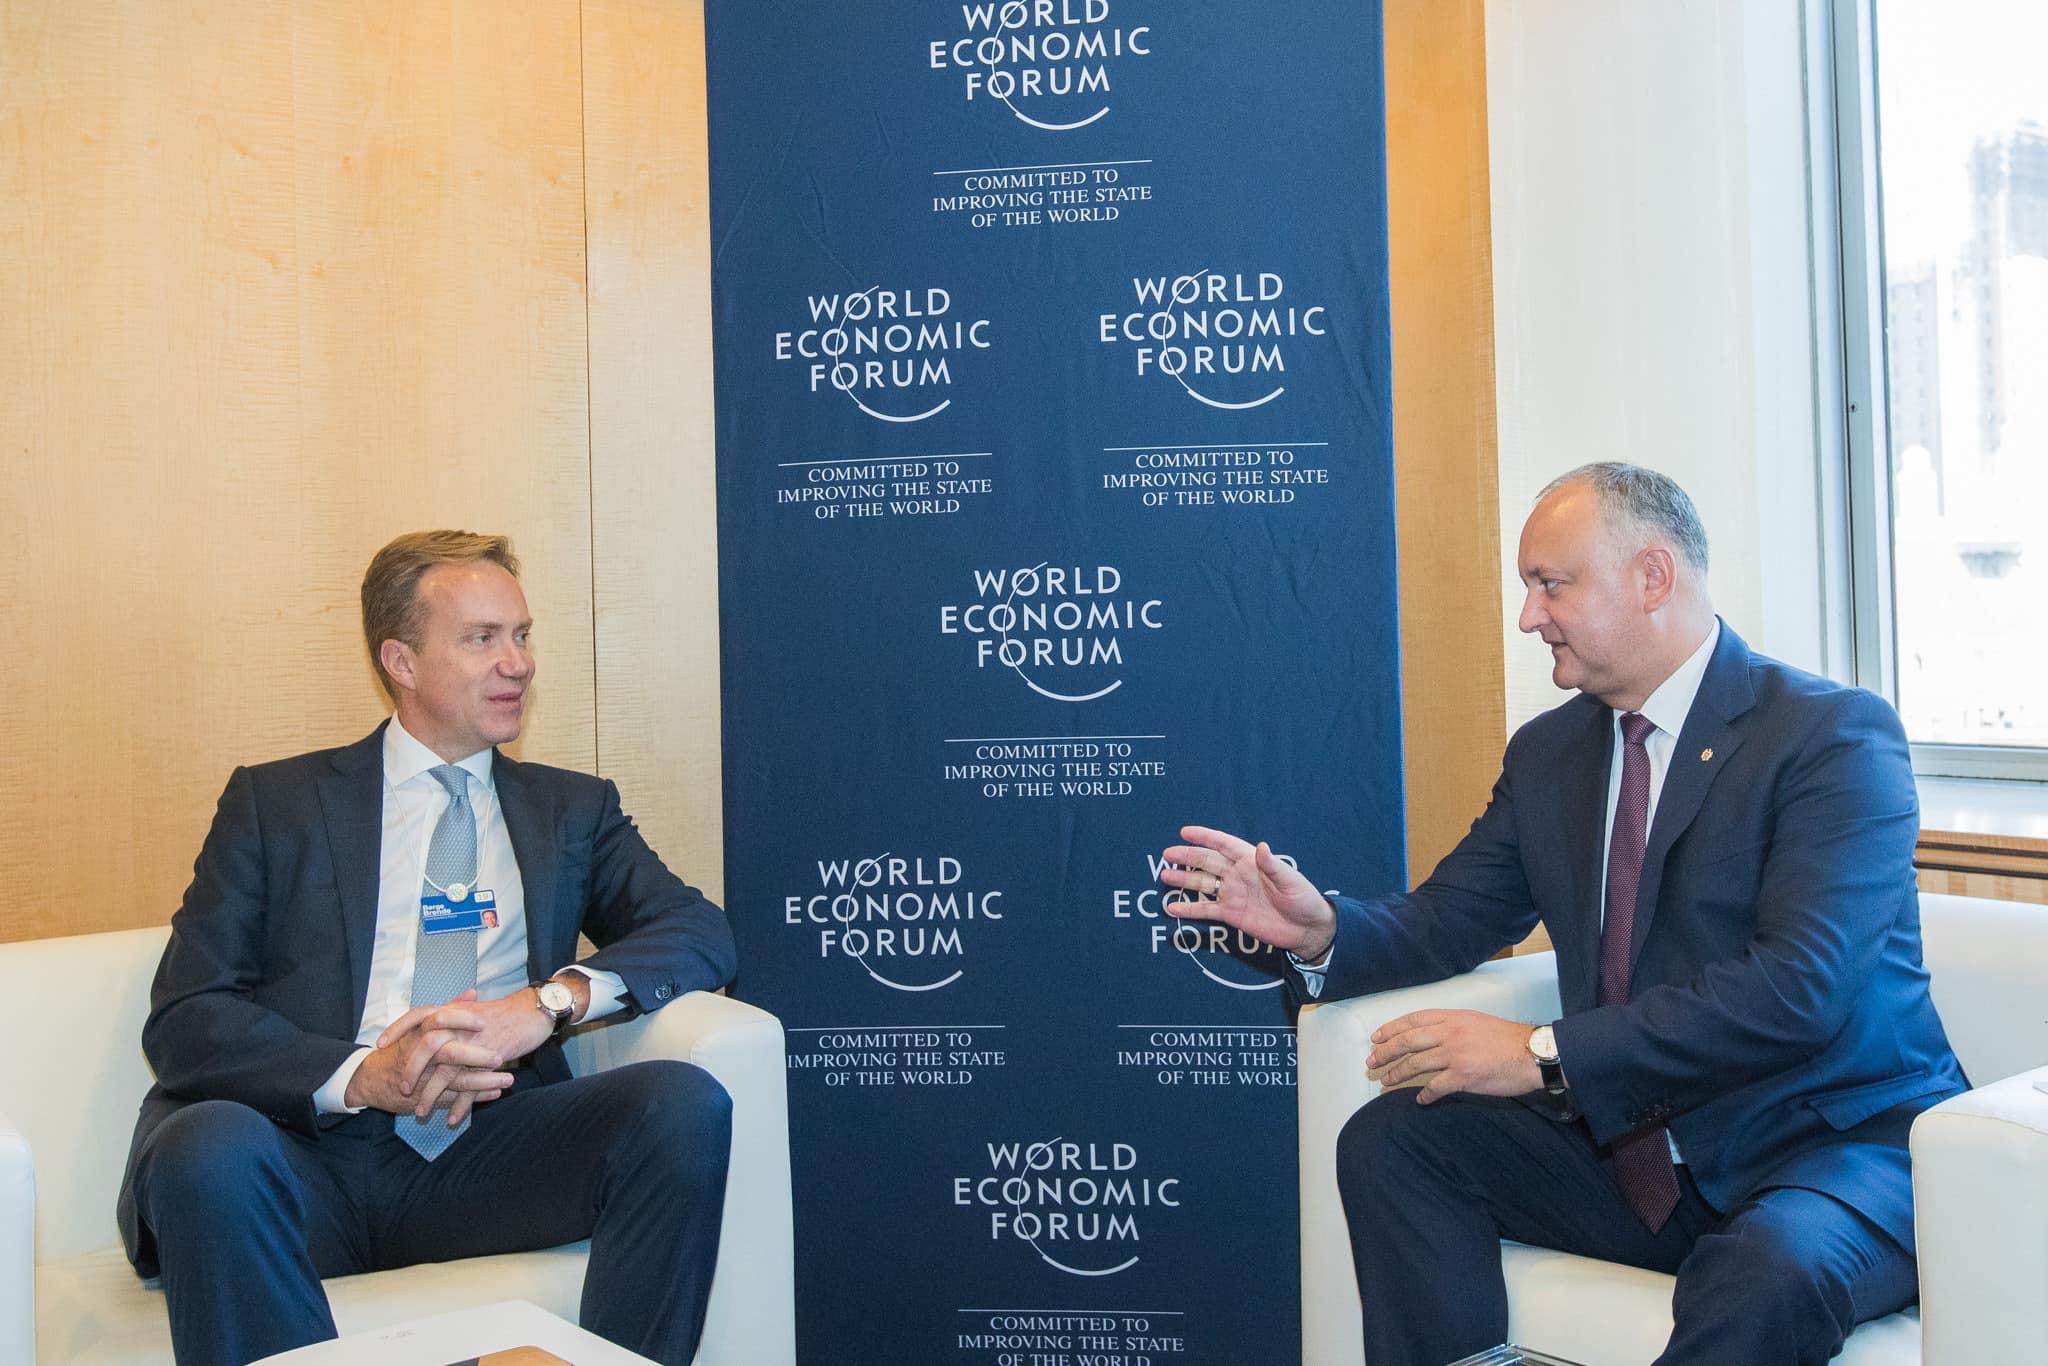 Додон: Молдова заинтересована в сотрудничестве с Всемирным экономическим форумом (ФОТО, ВИДЕО)